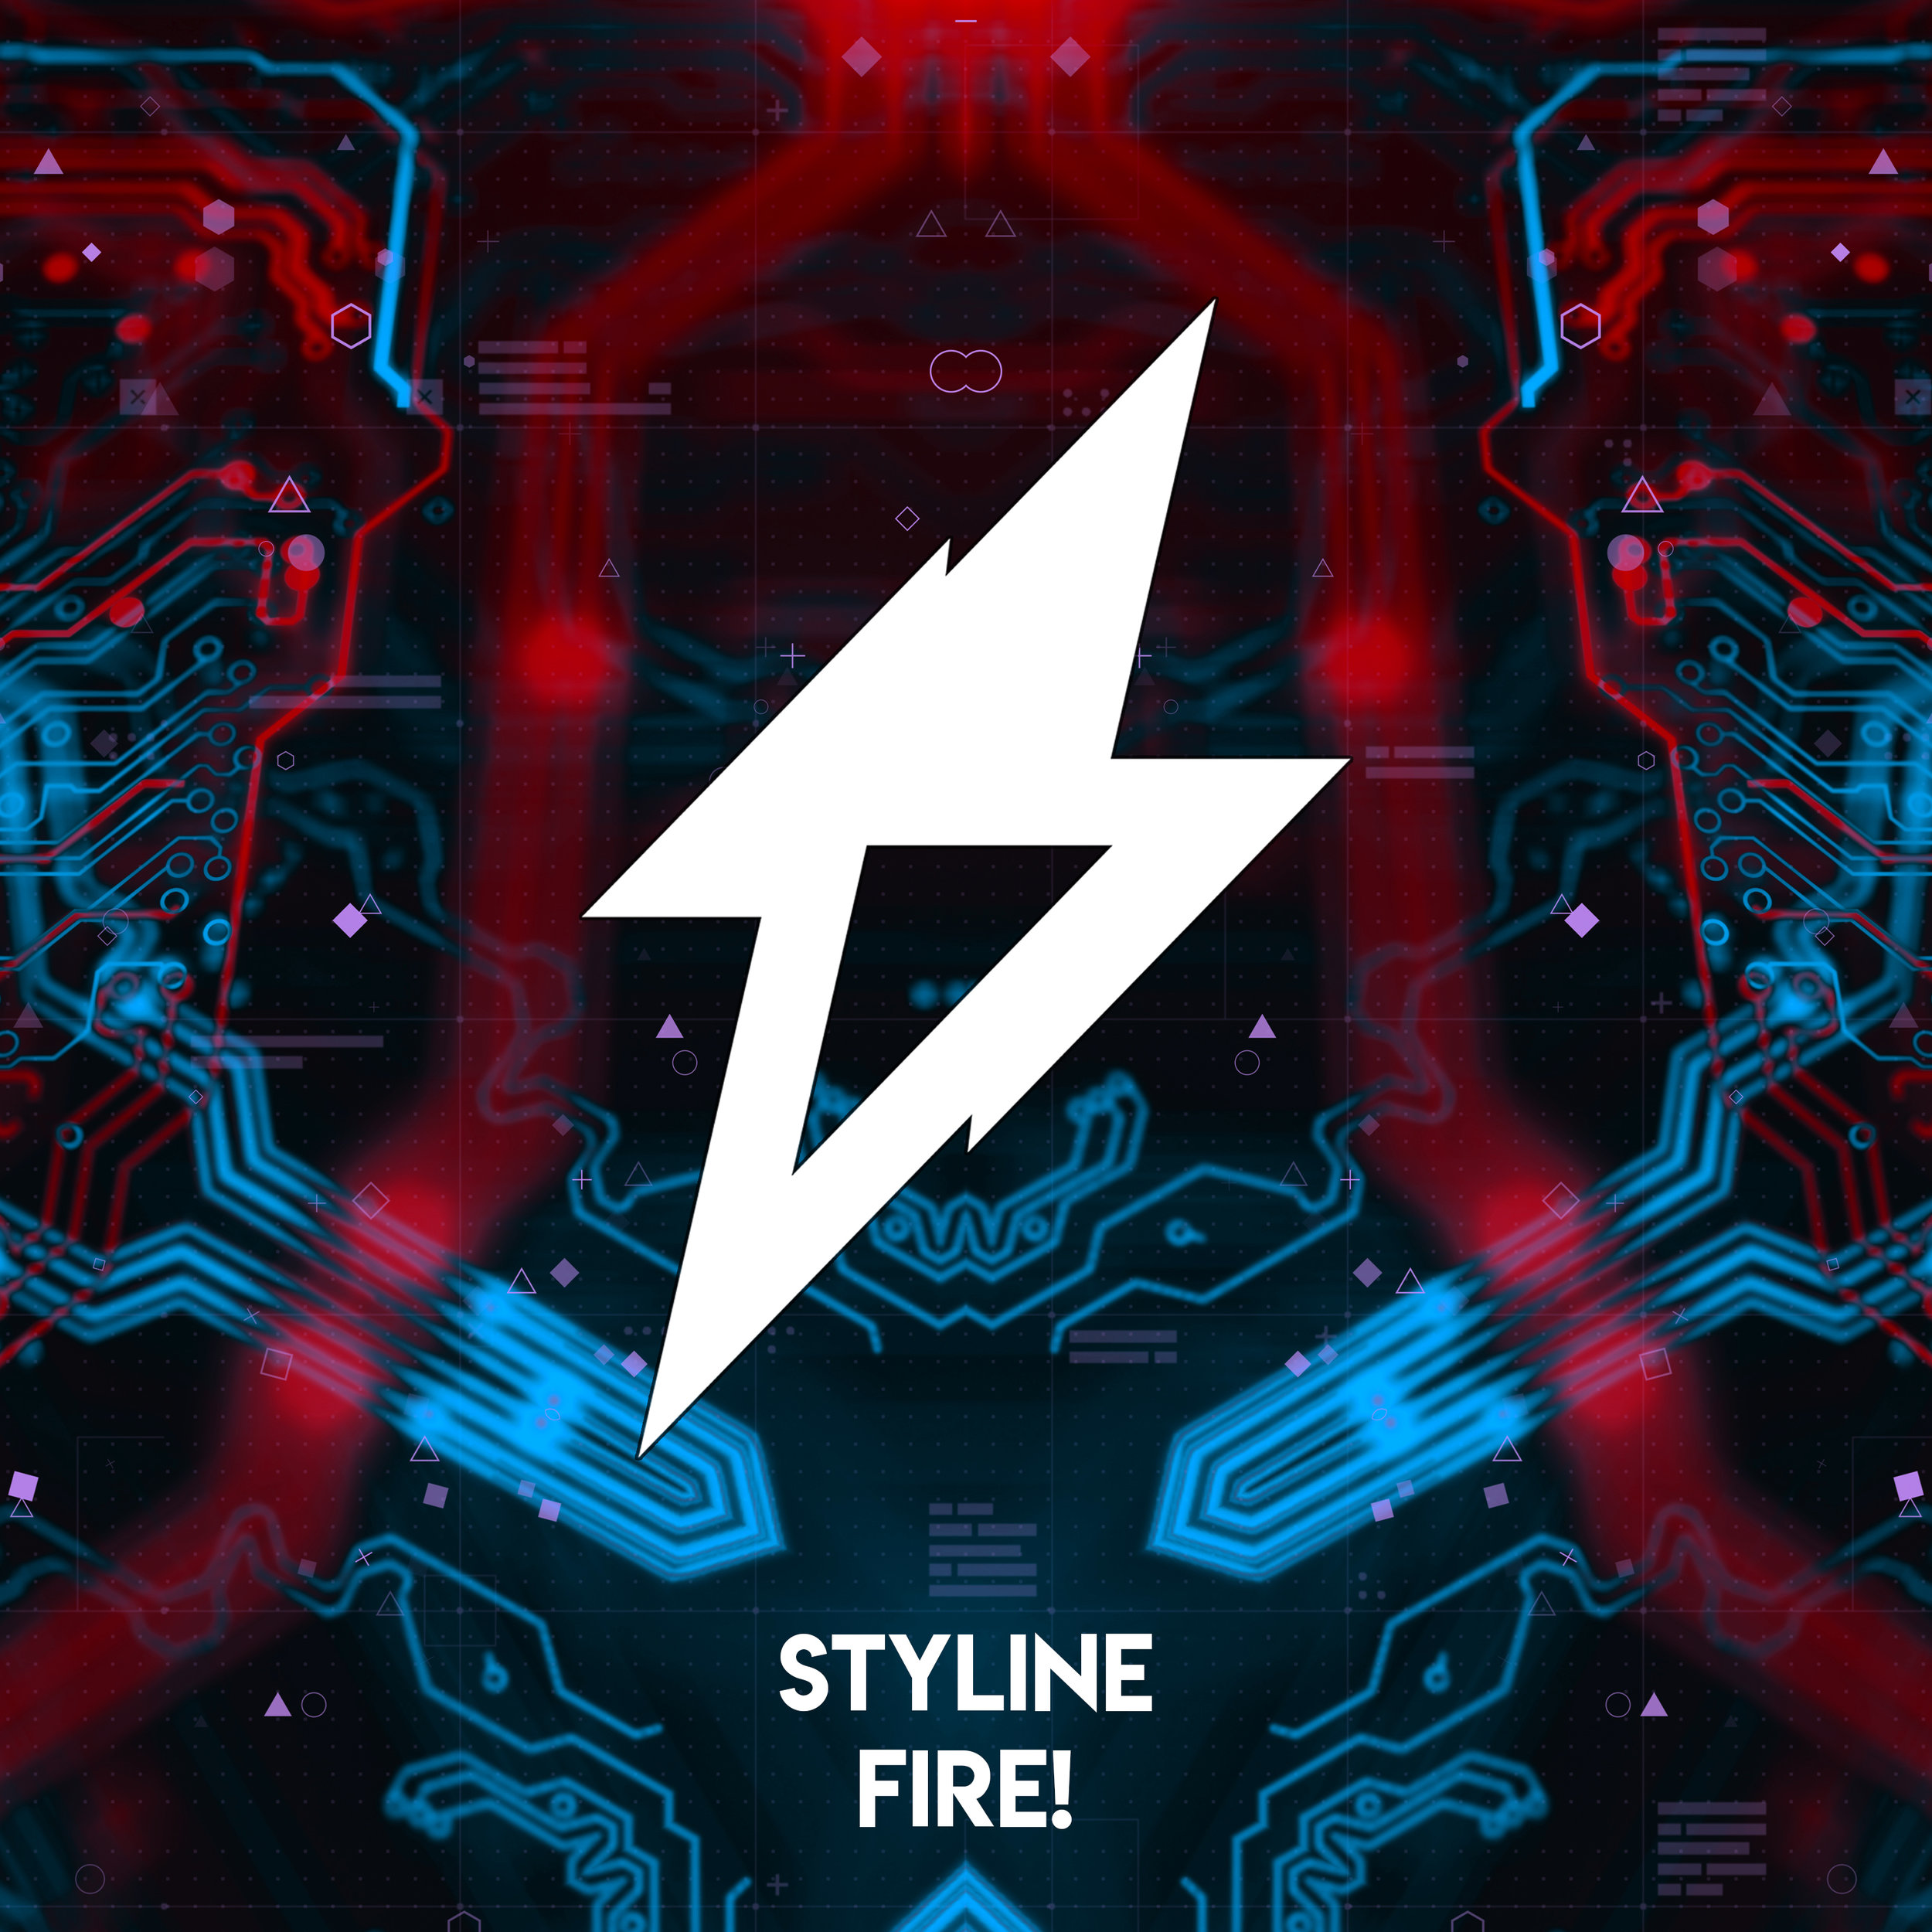 Styline - FIRE!.jpg